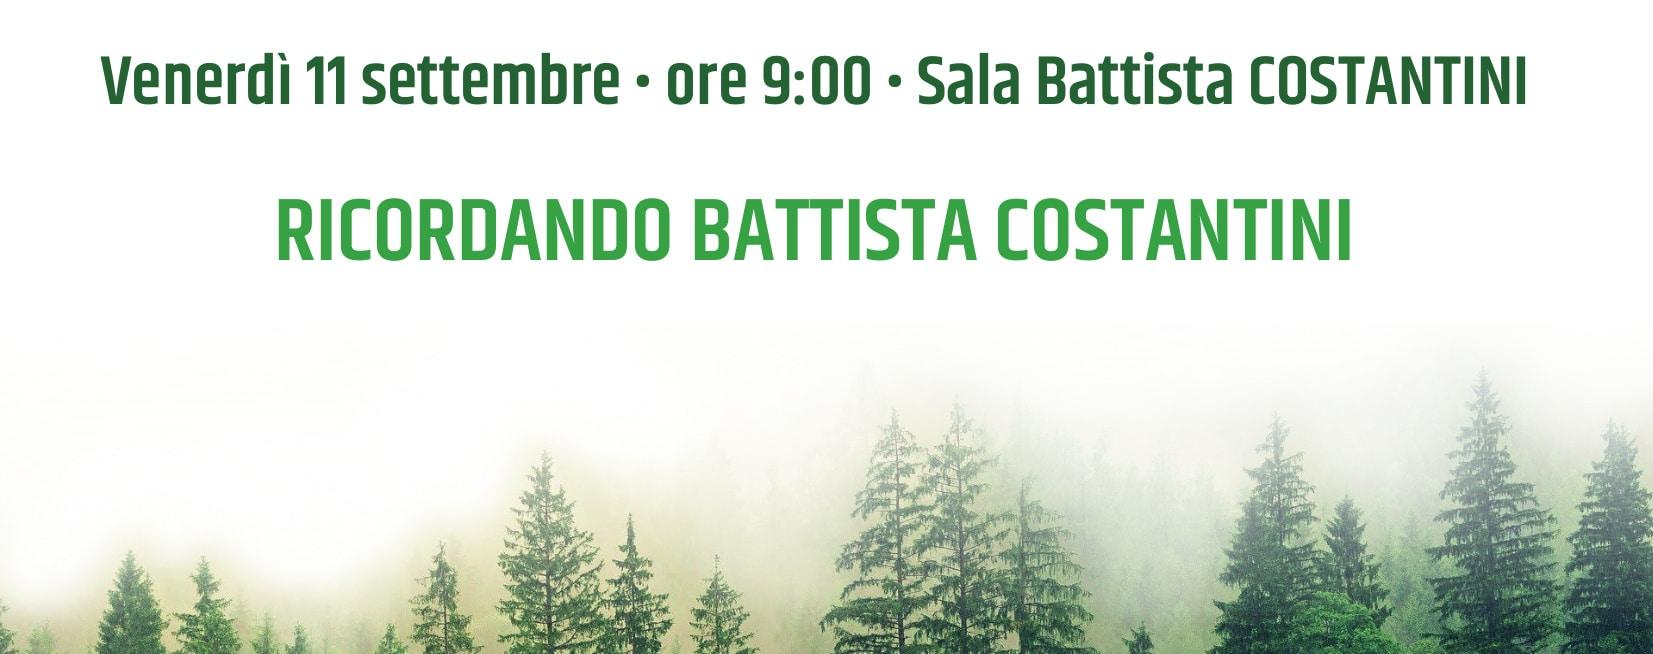 Ricordando Battista Costantini - la cerimonia a FFF2020